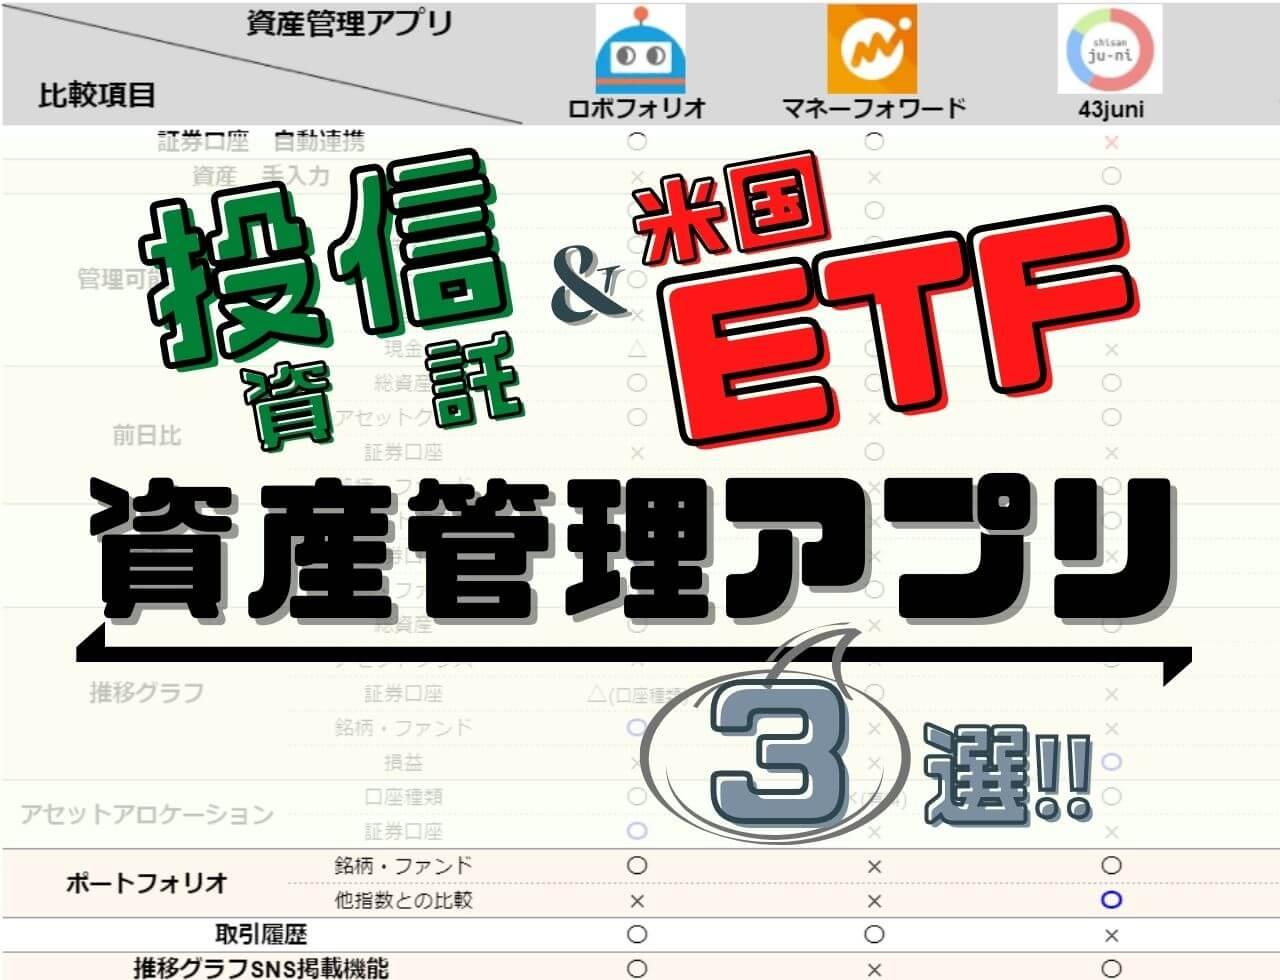 厳選!投資信託+米国ETF対応の『資産管理アプリ』おススメ3つ